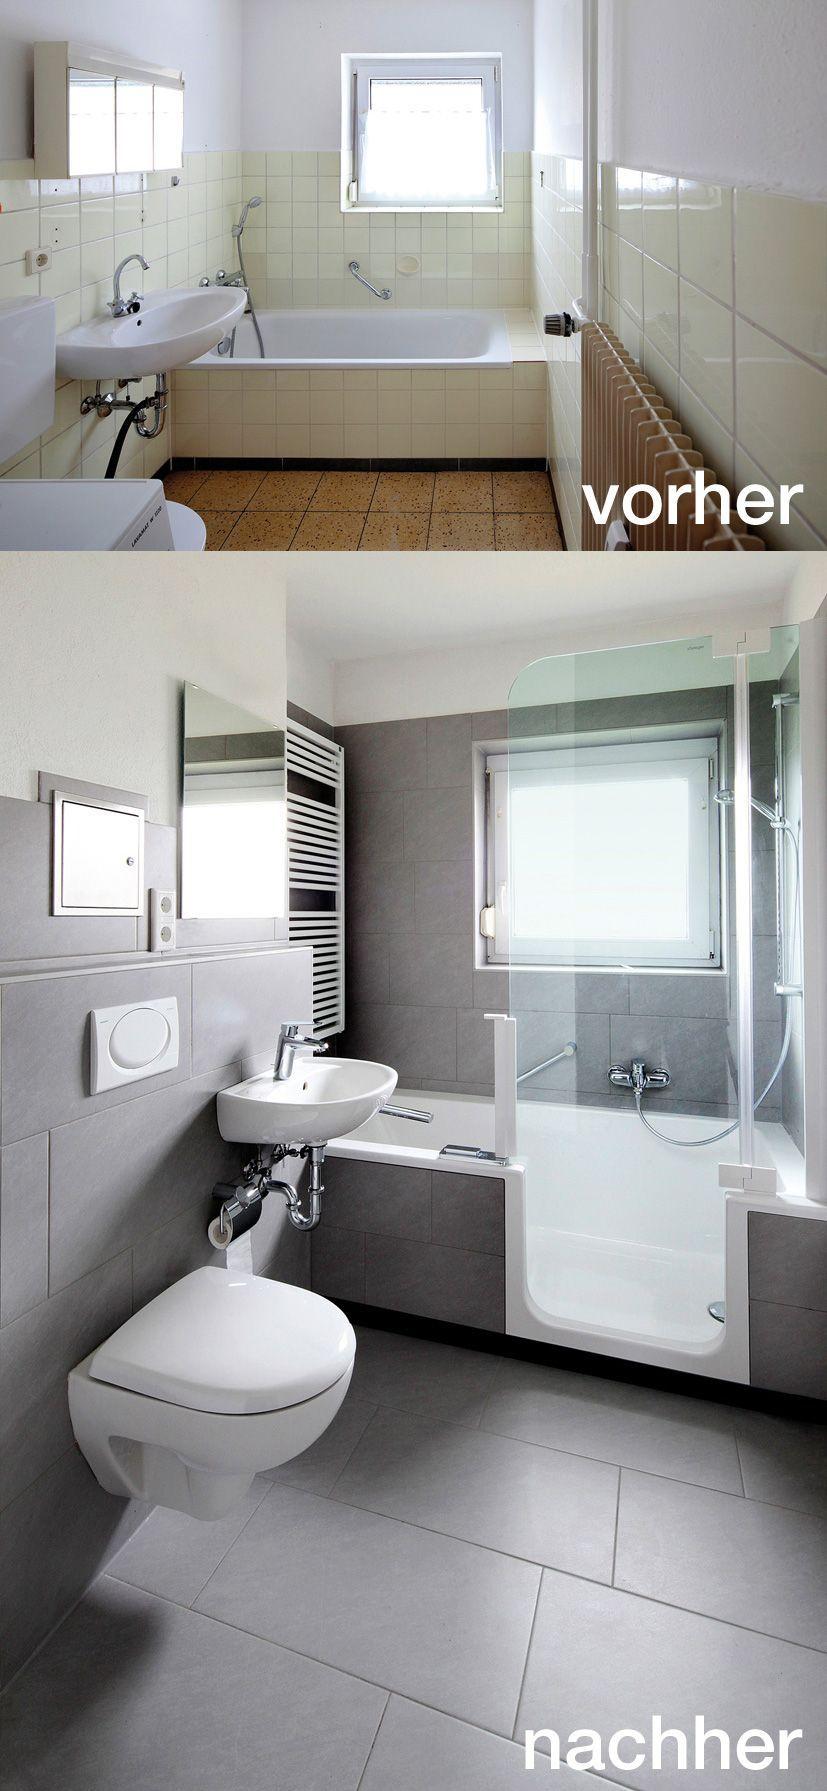 Salle De Bain Avec 2 Entrees avec #baignoire #bain #partiellement #rénovation #retrait